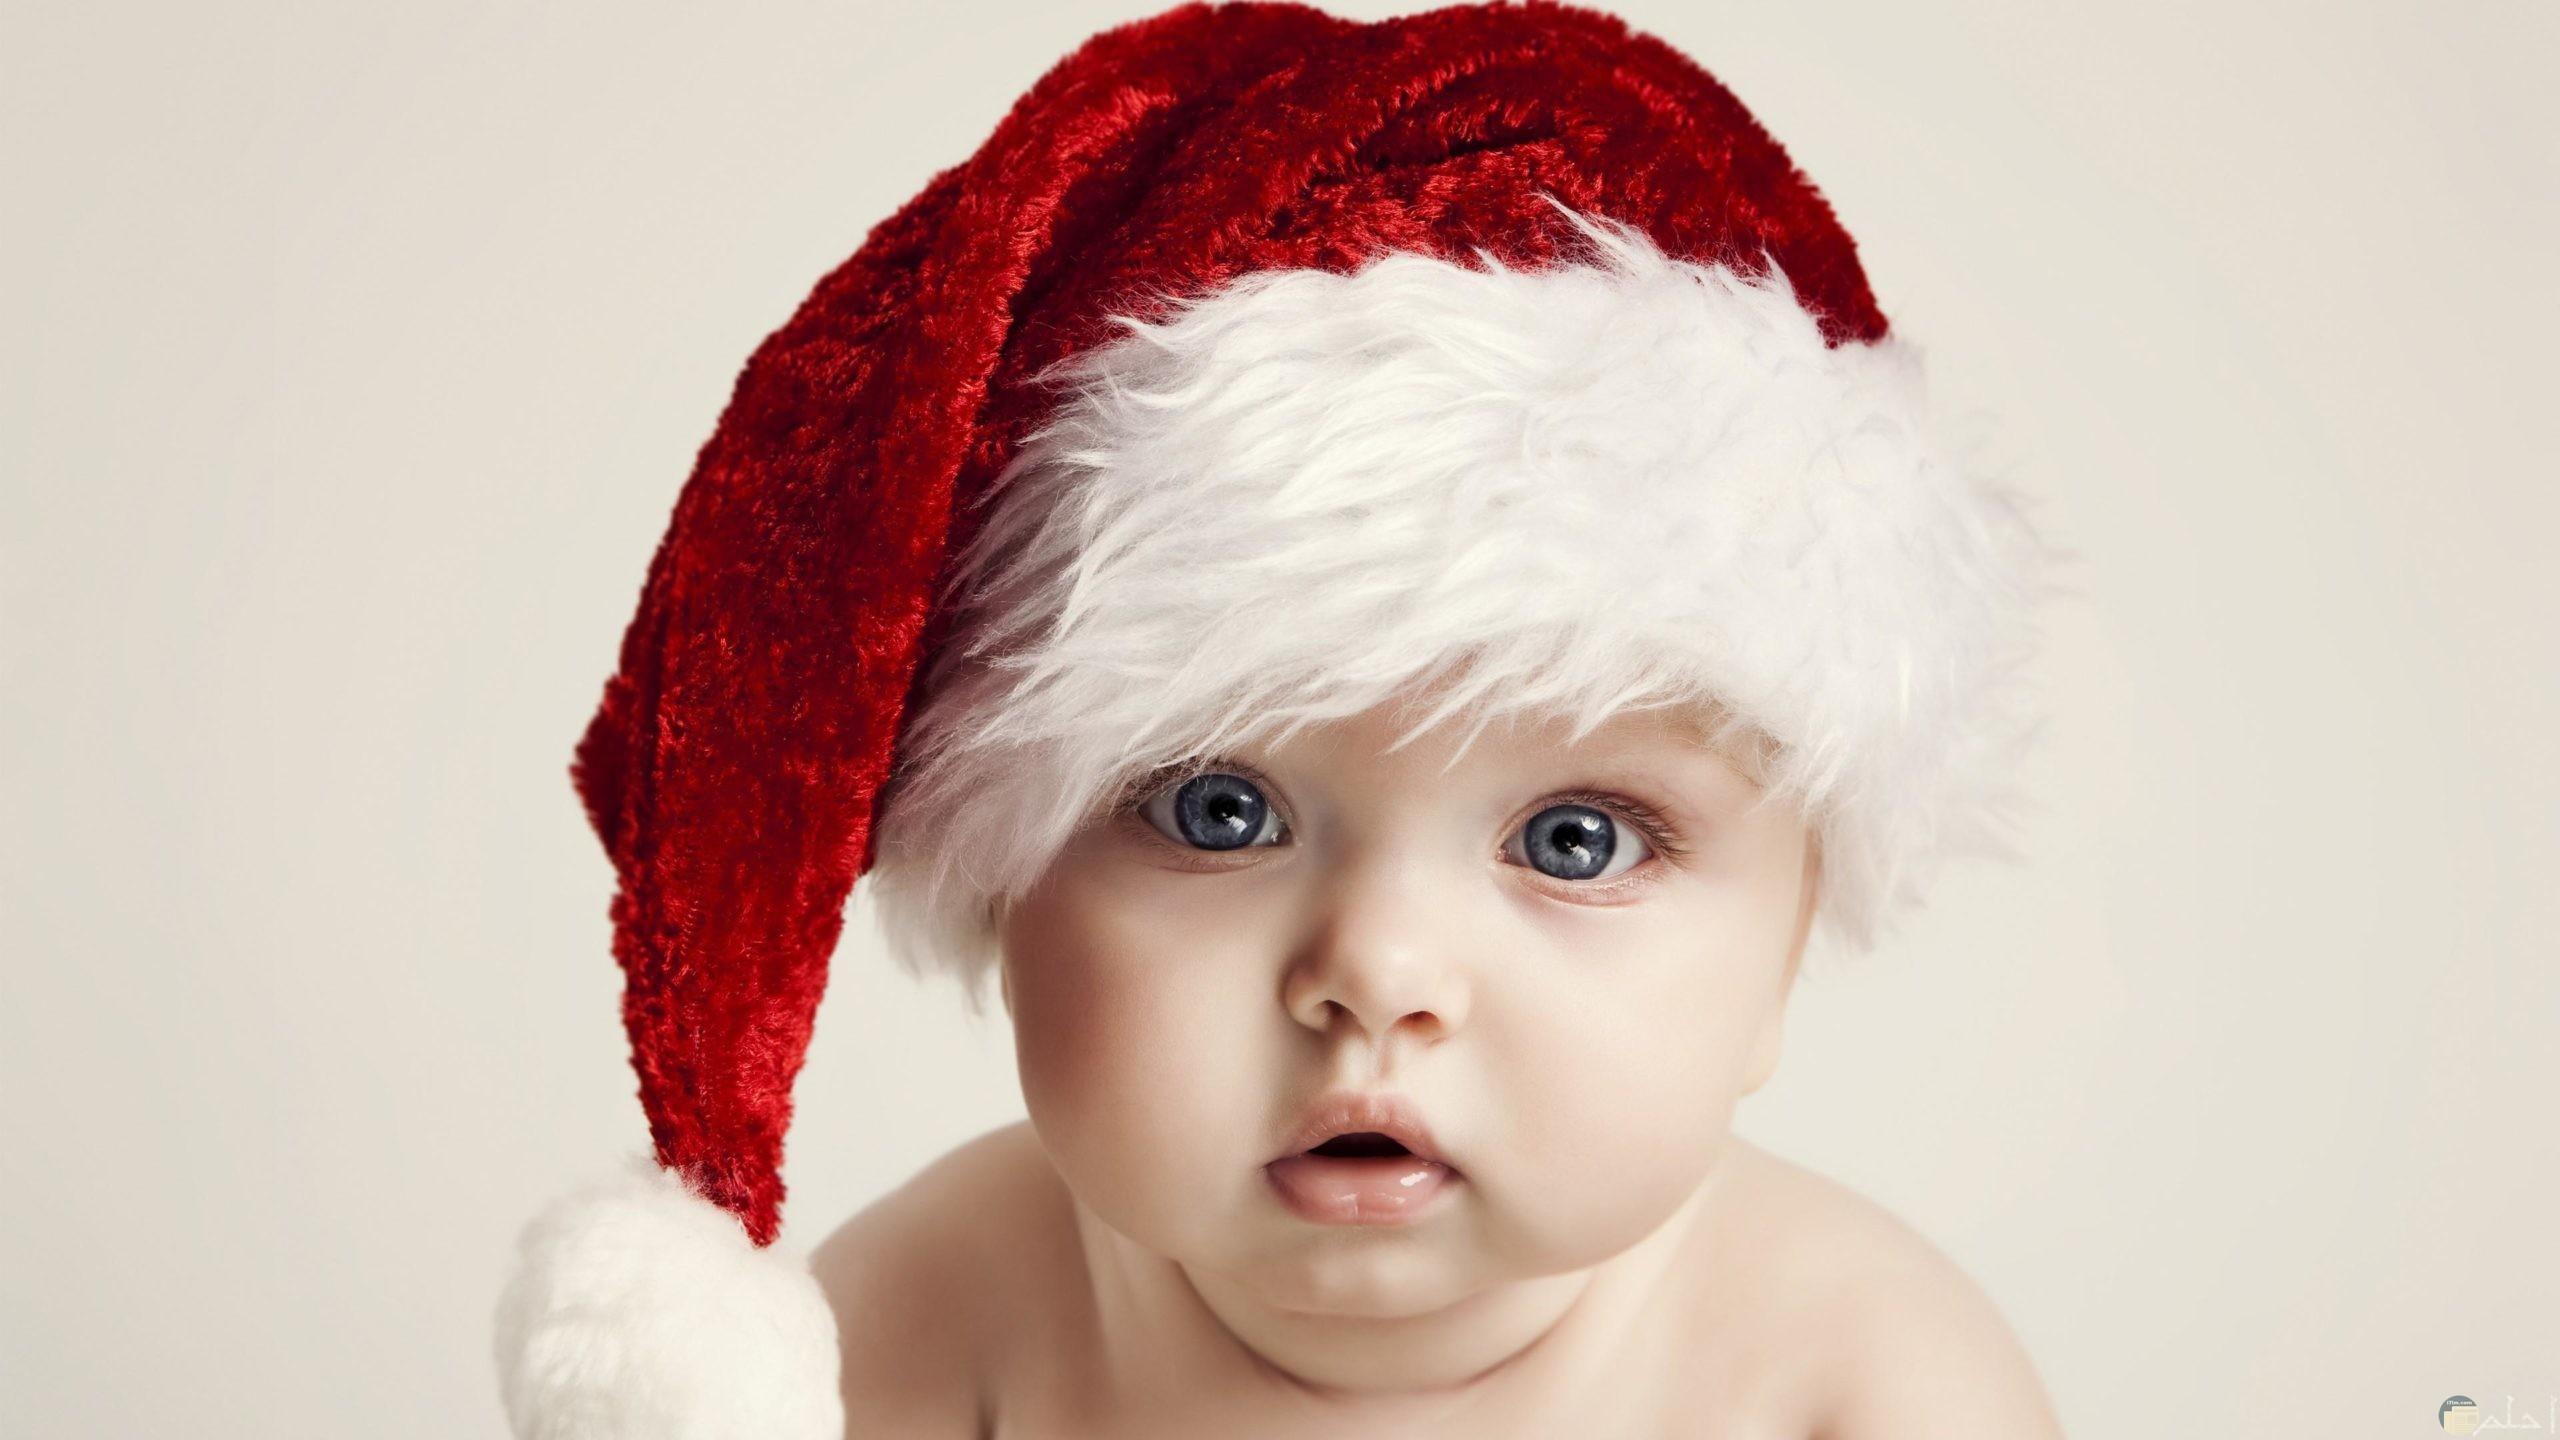 صورة طفل جميل يرتدى قبعة بابا نويل.